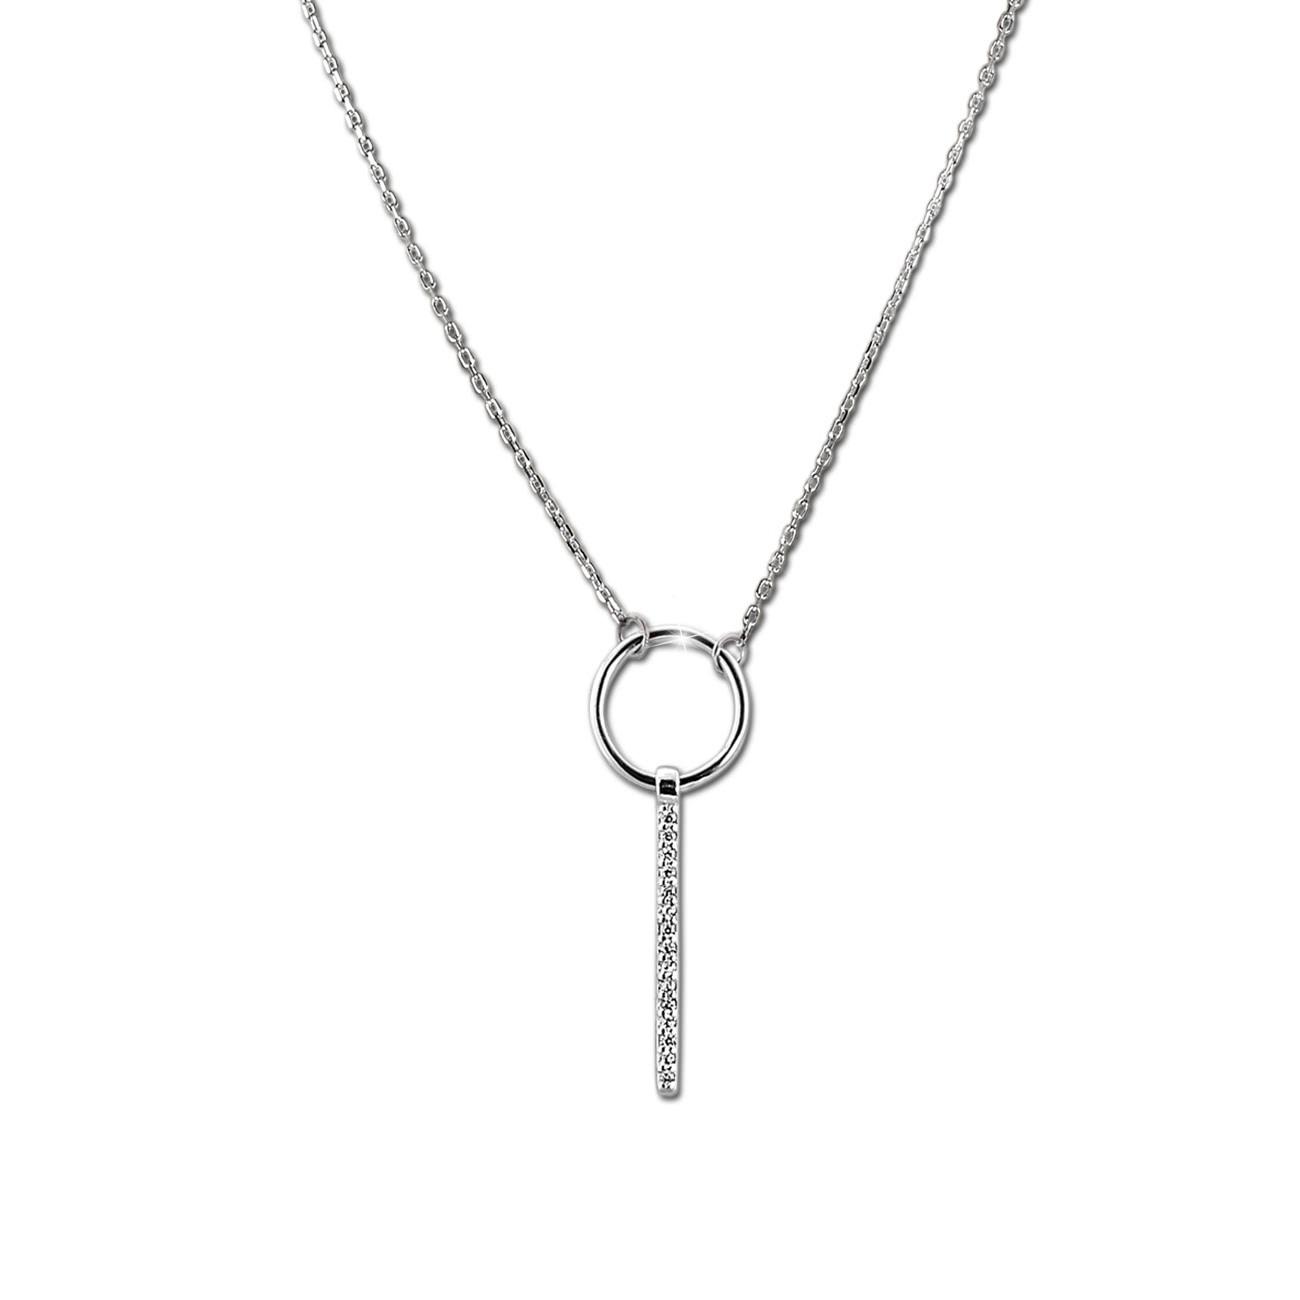 SilberDream Kette Zirkonia-Stab weiß 925 Silber 42-45cm Halskette GSK405W